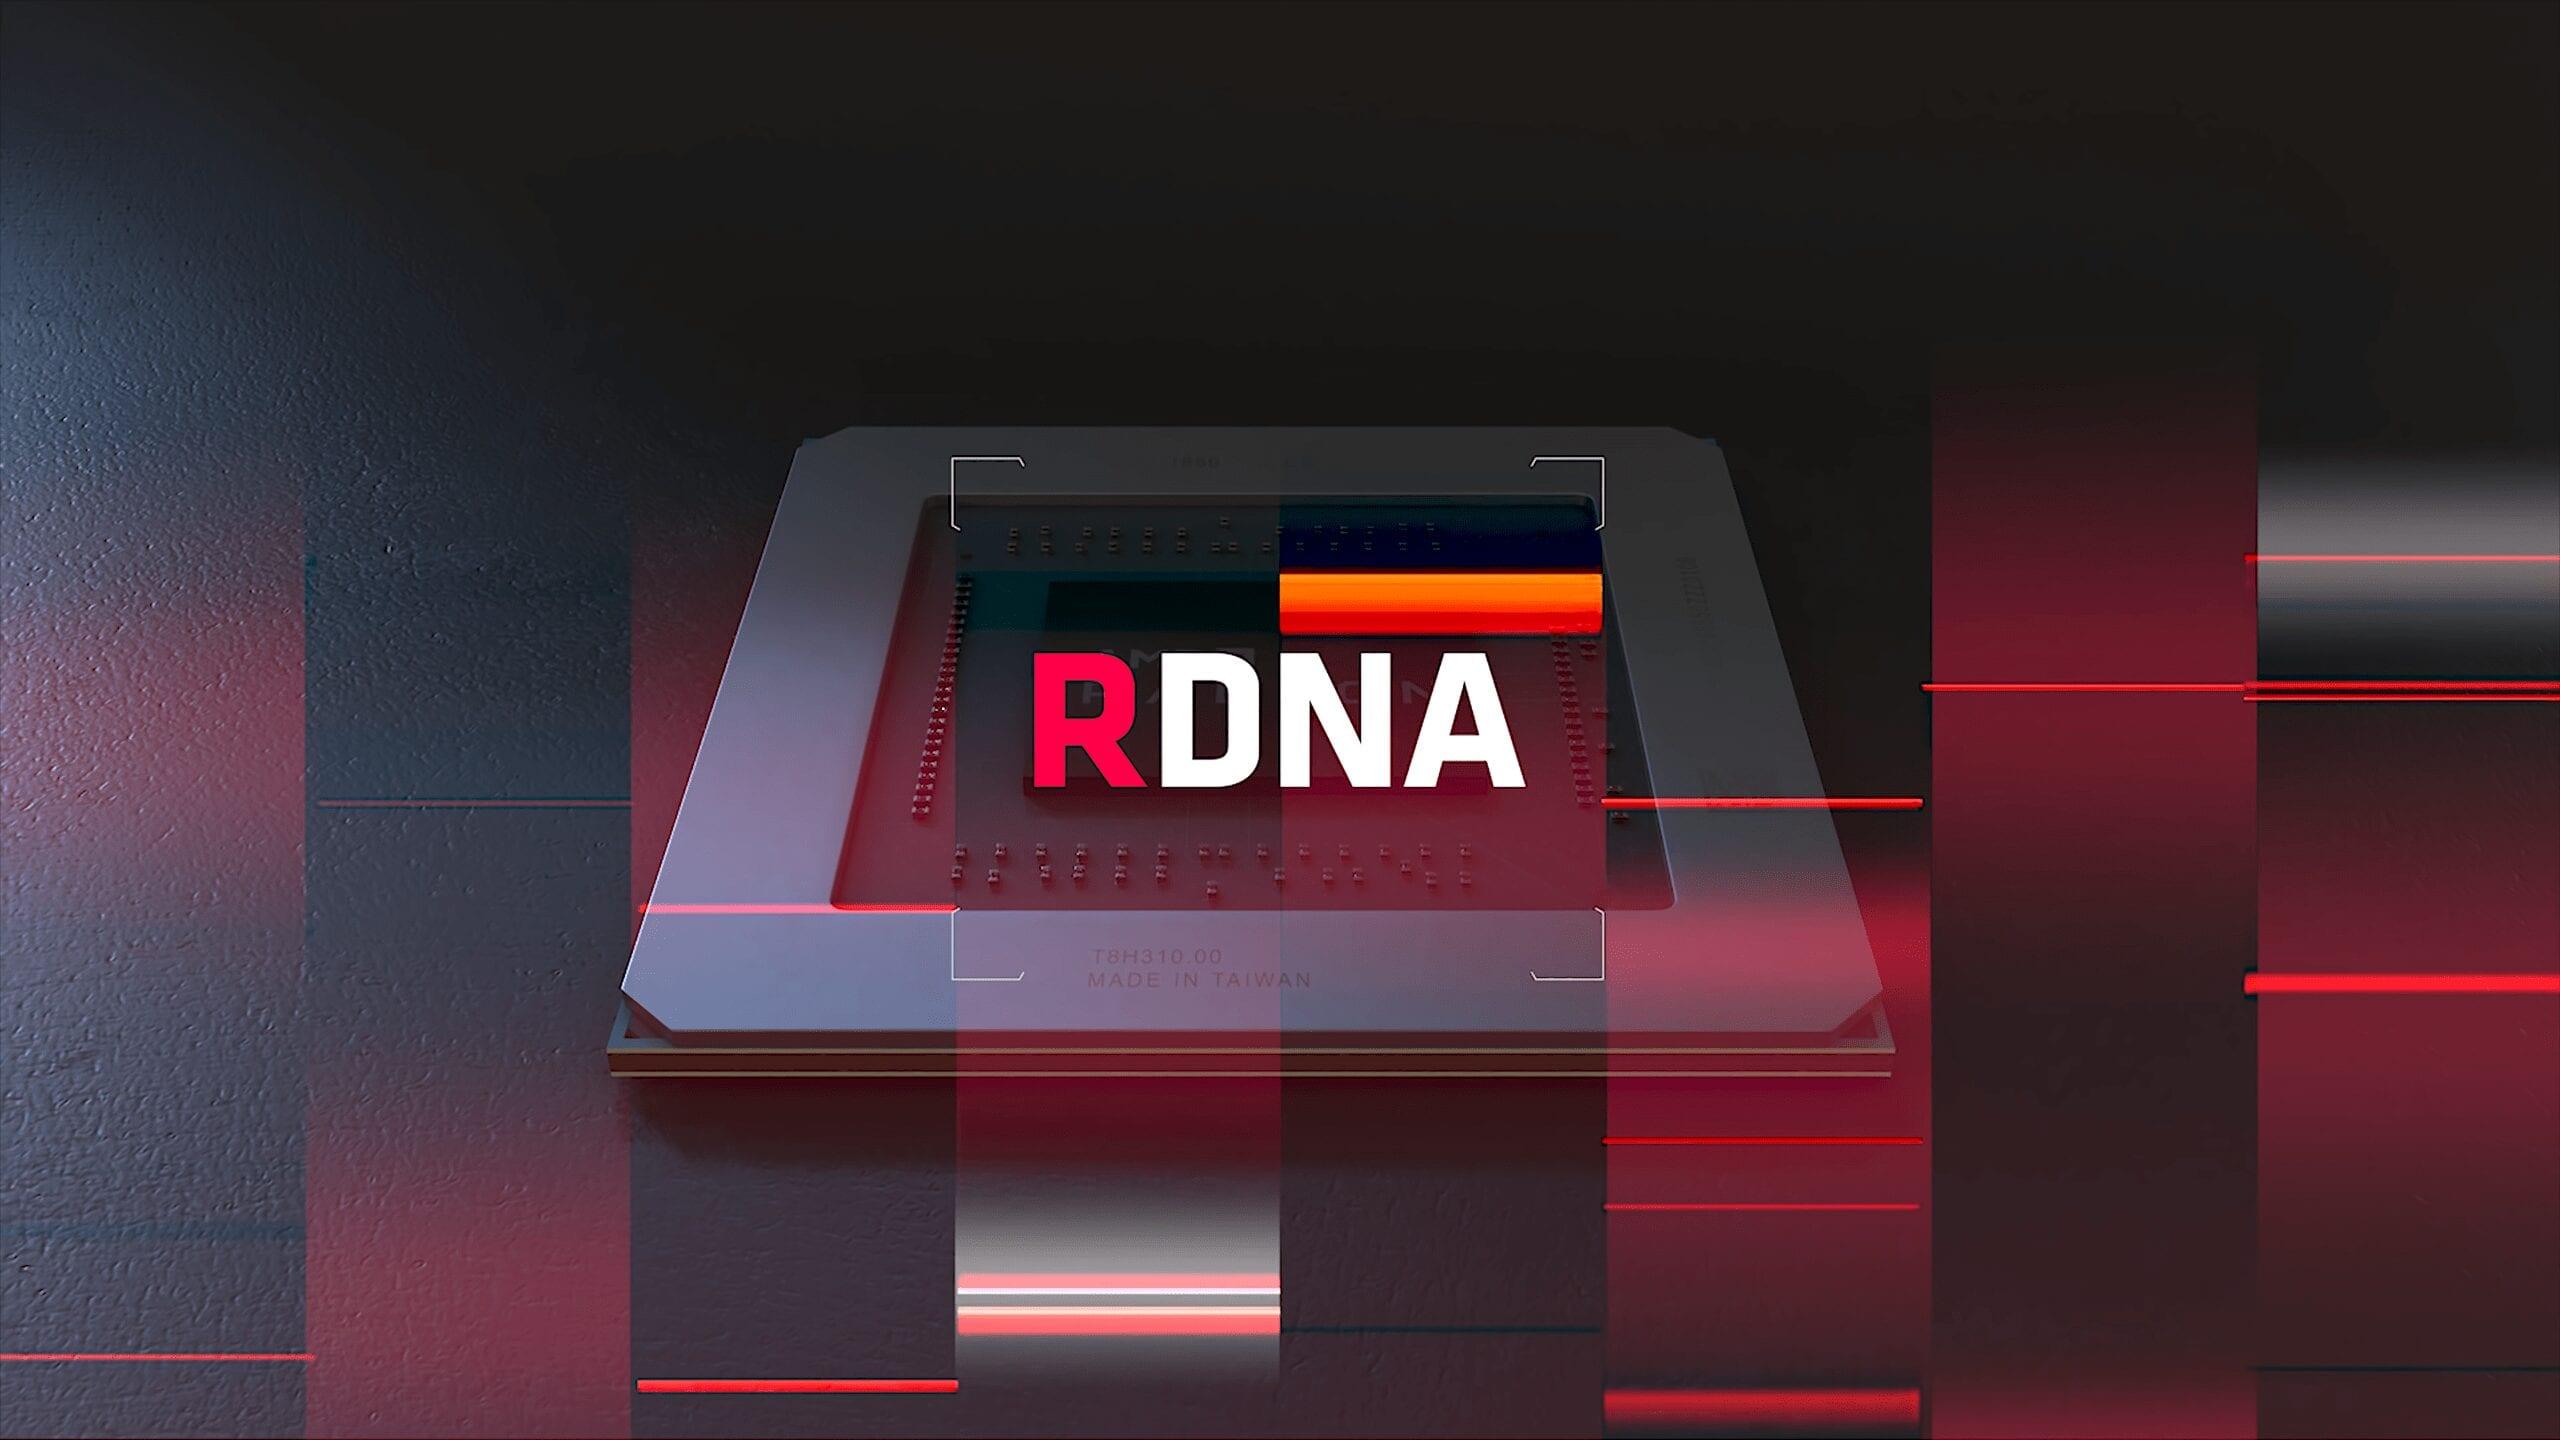 Мобильные видеокарты Radeon RX 5600M и GeForce RTX 2060 оказались практически равны в 3DMark